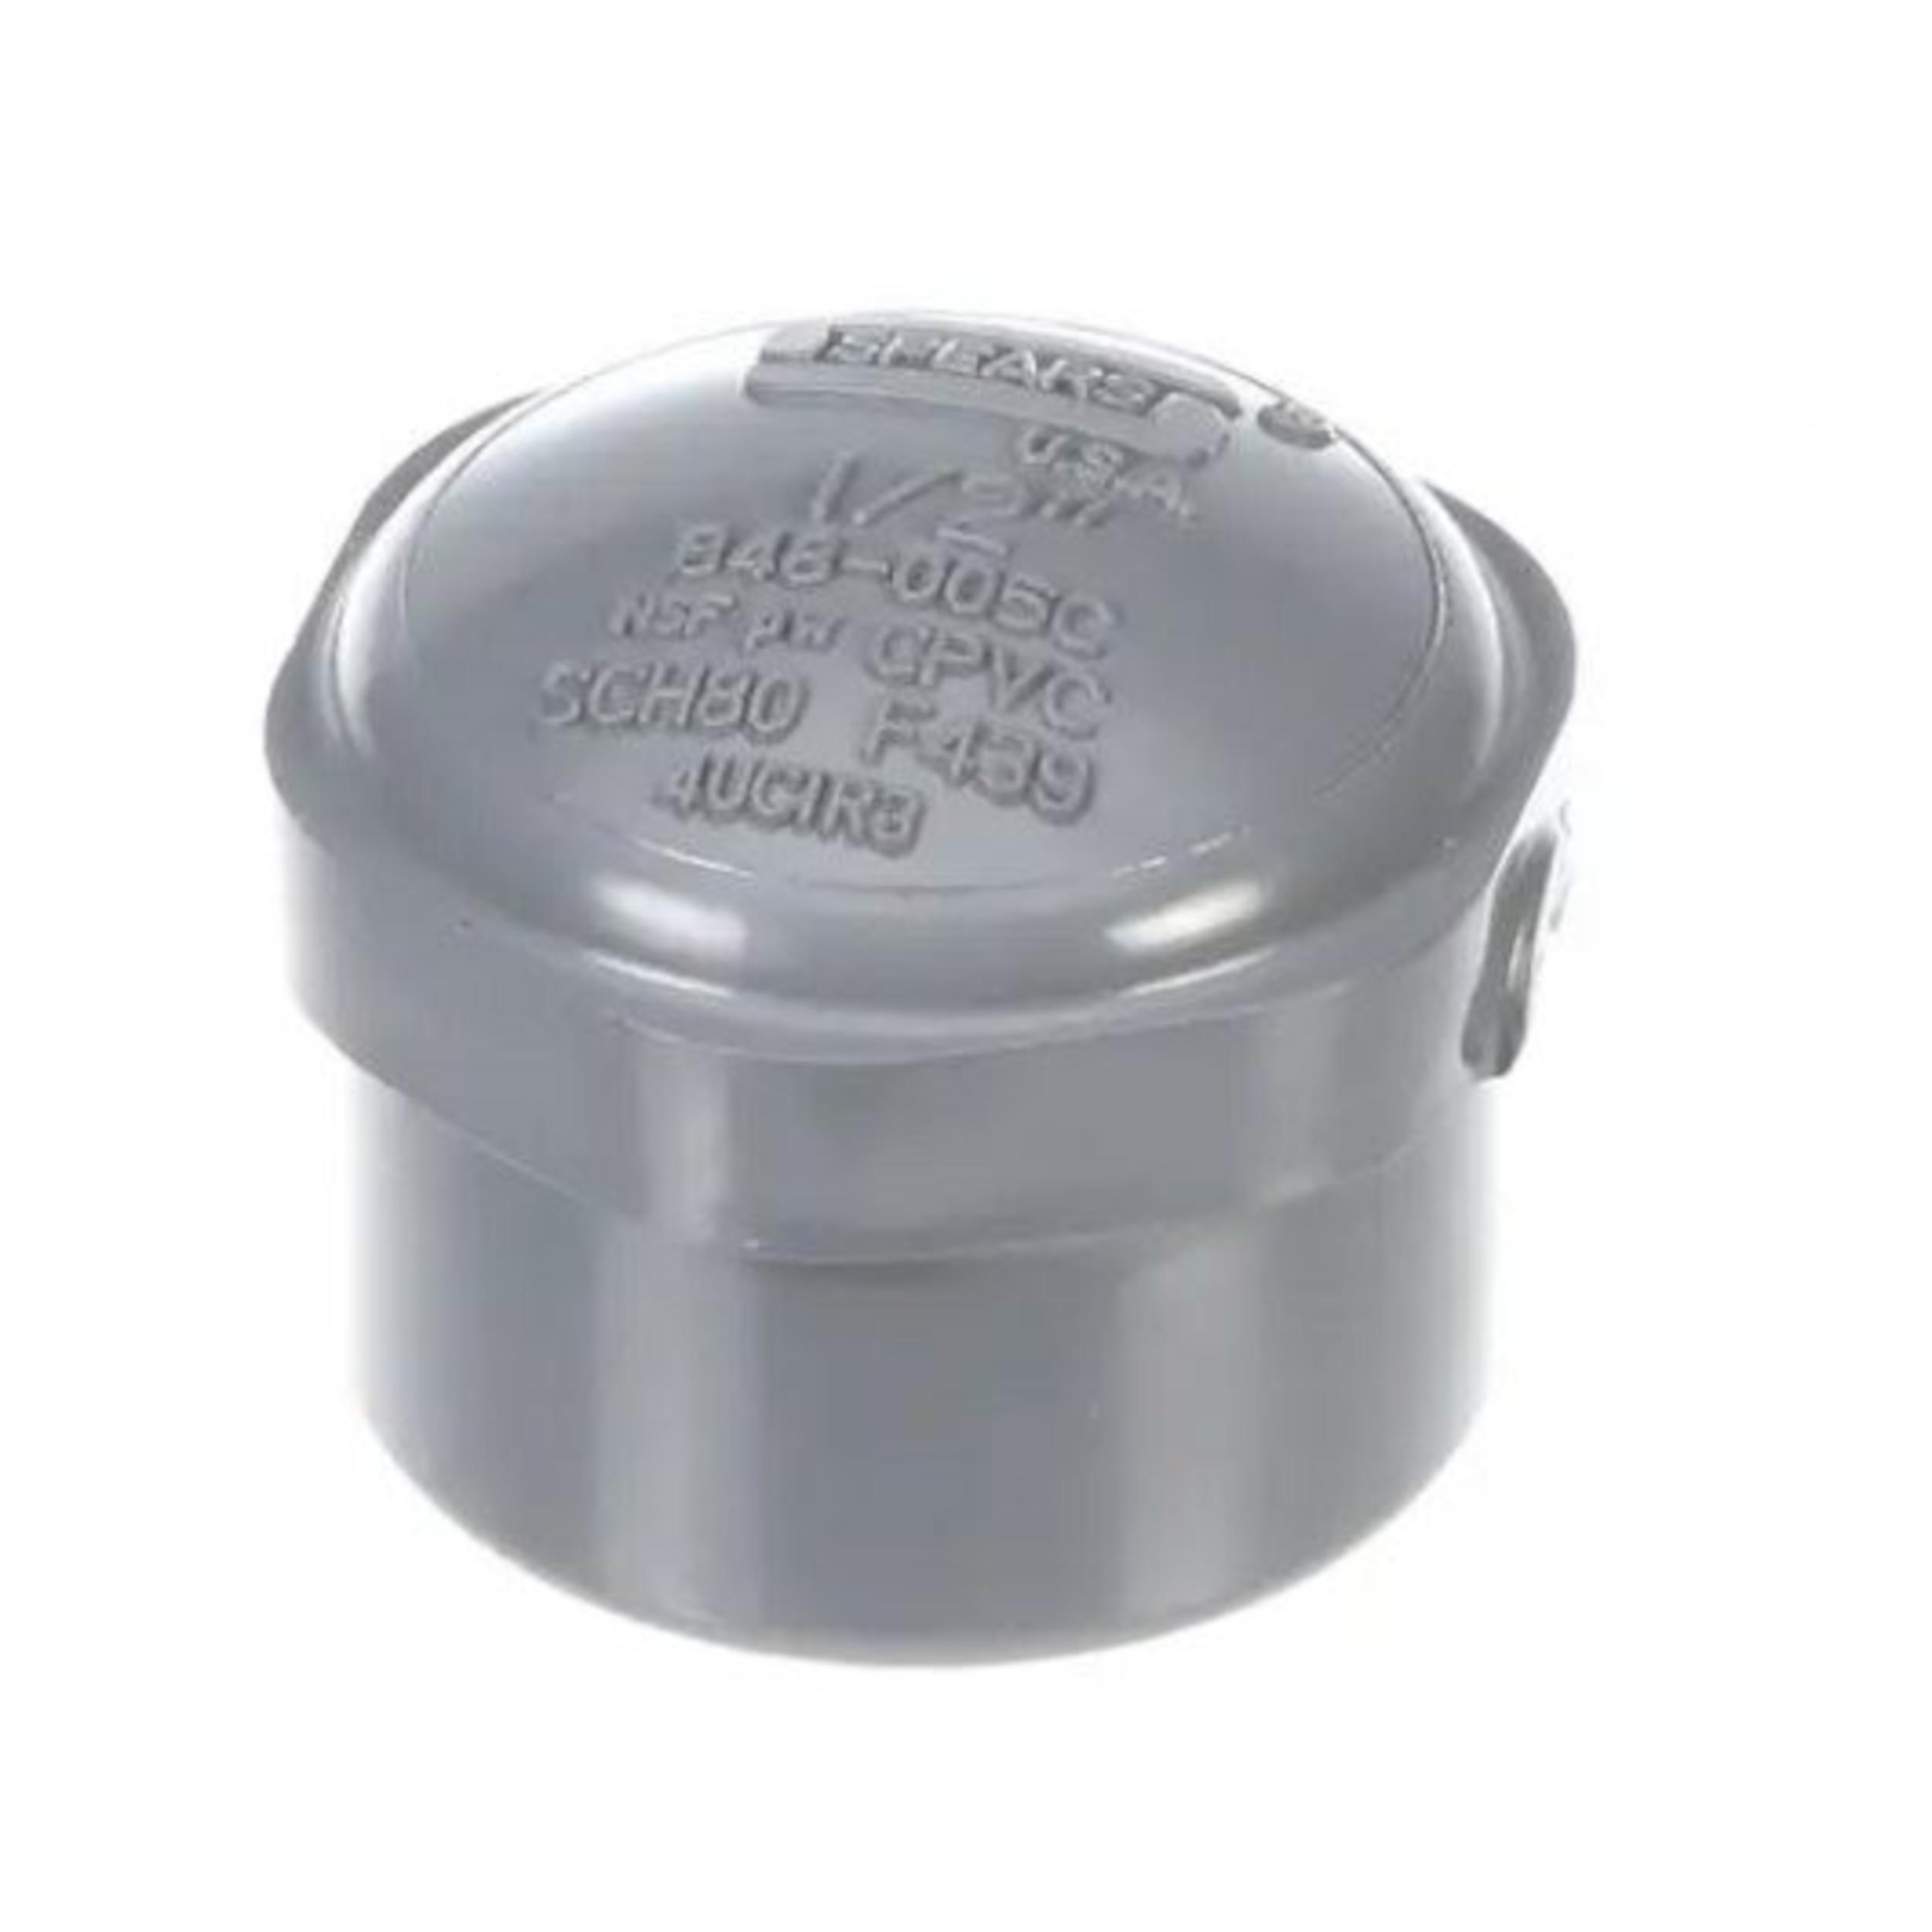 STERO - P681293 - CAP